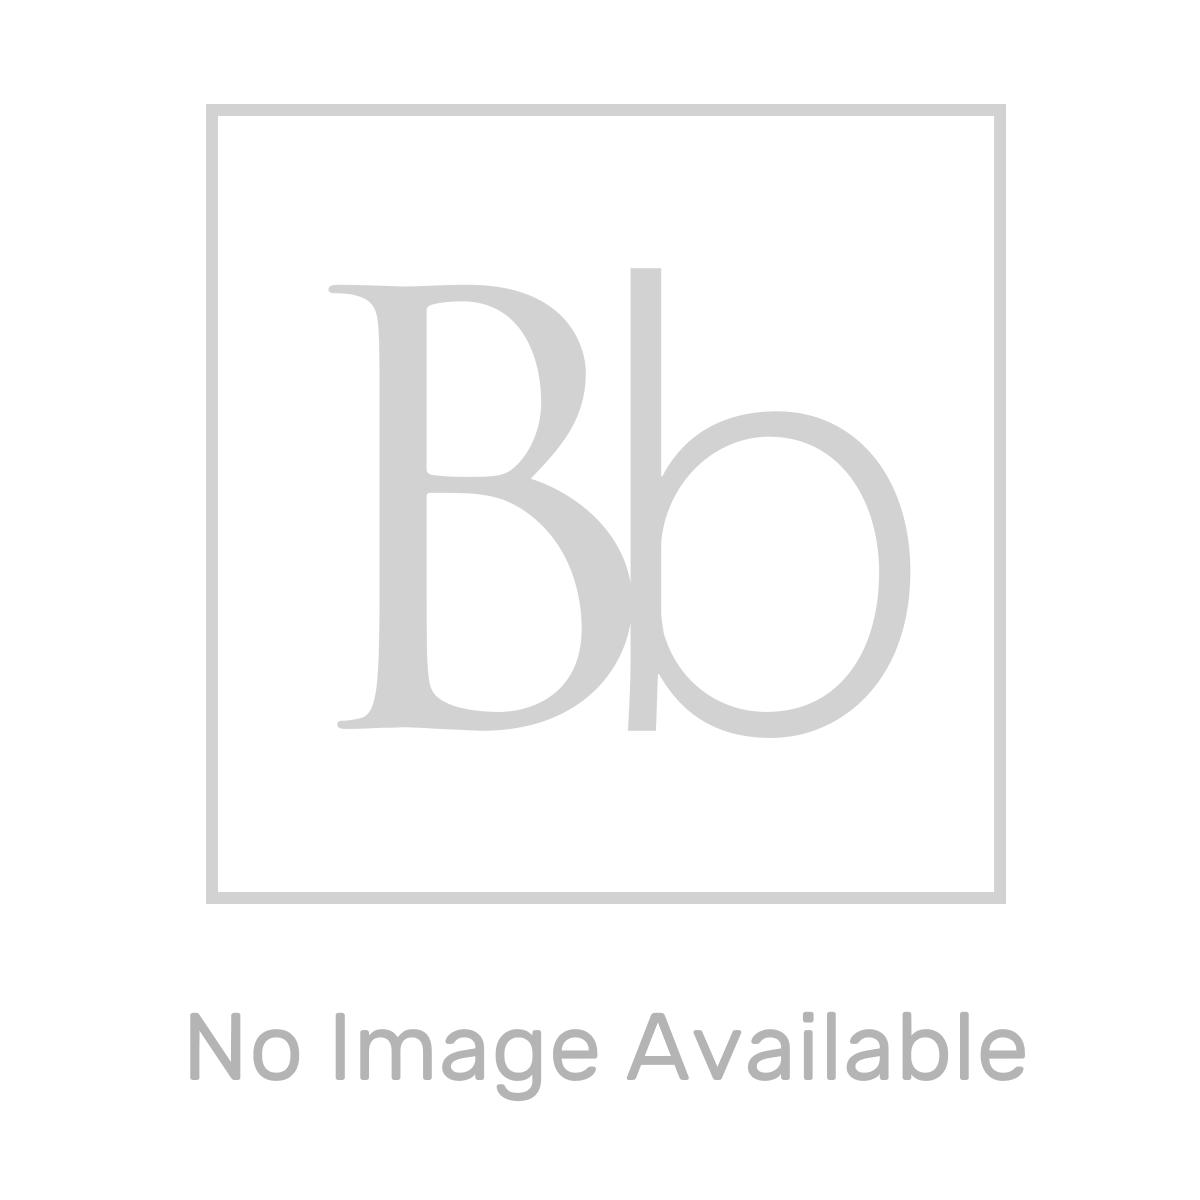 Zenith Stainless Steel Bathroom Cabinet Single Mirror Door Inside